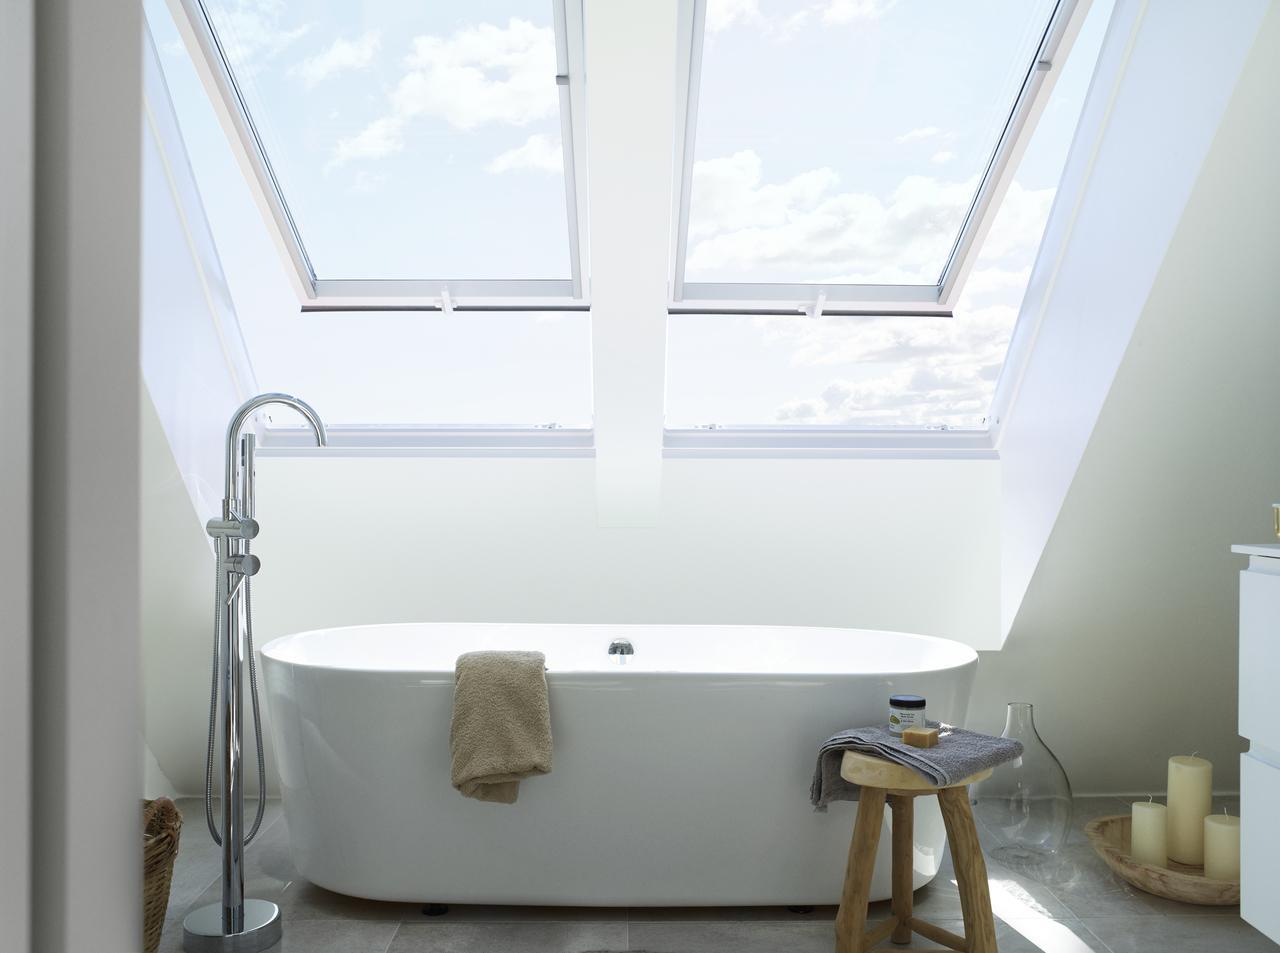 Дизайн интерьера ванной комнаты на мансардном этаже: фото #0006 Ванная комната на мансардном этаже: основные доводы за и против